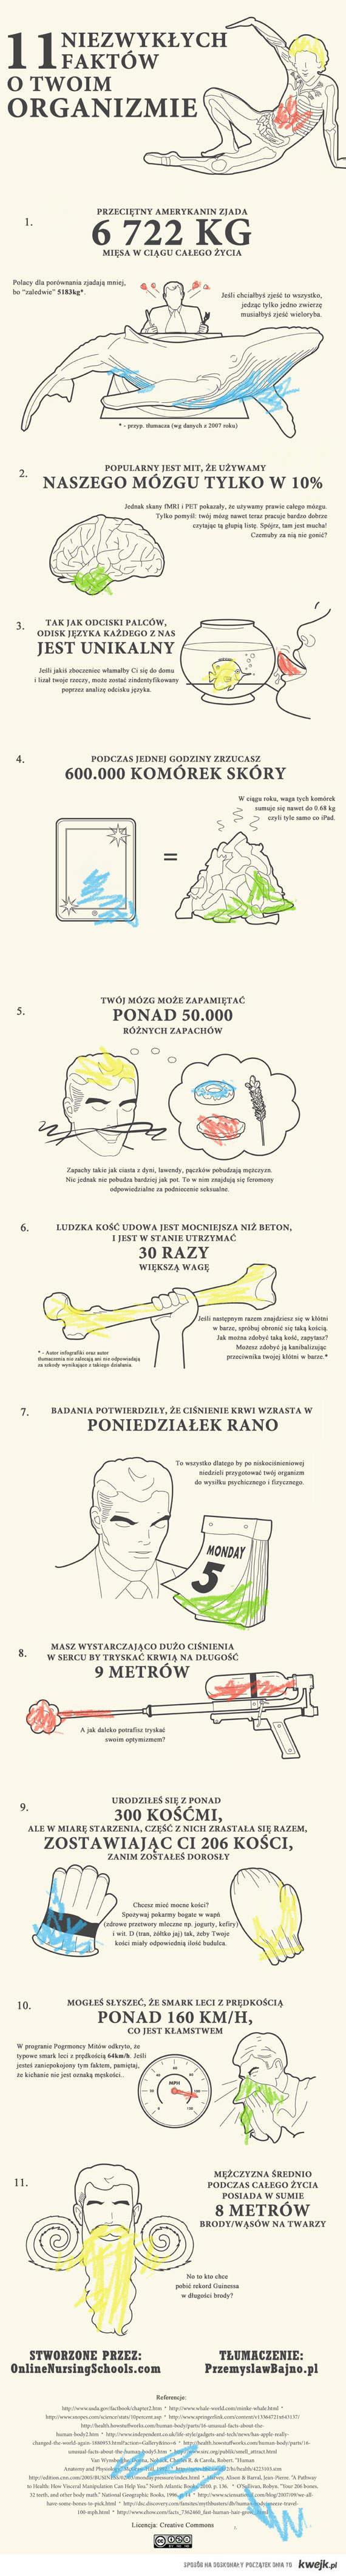 11 faktów o twoim organizmie